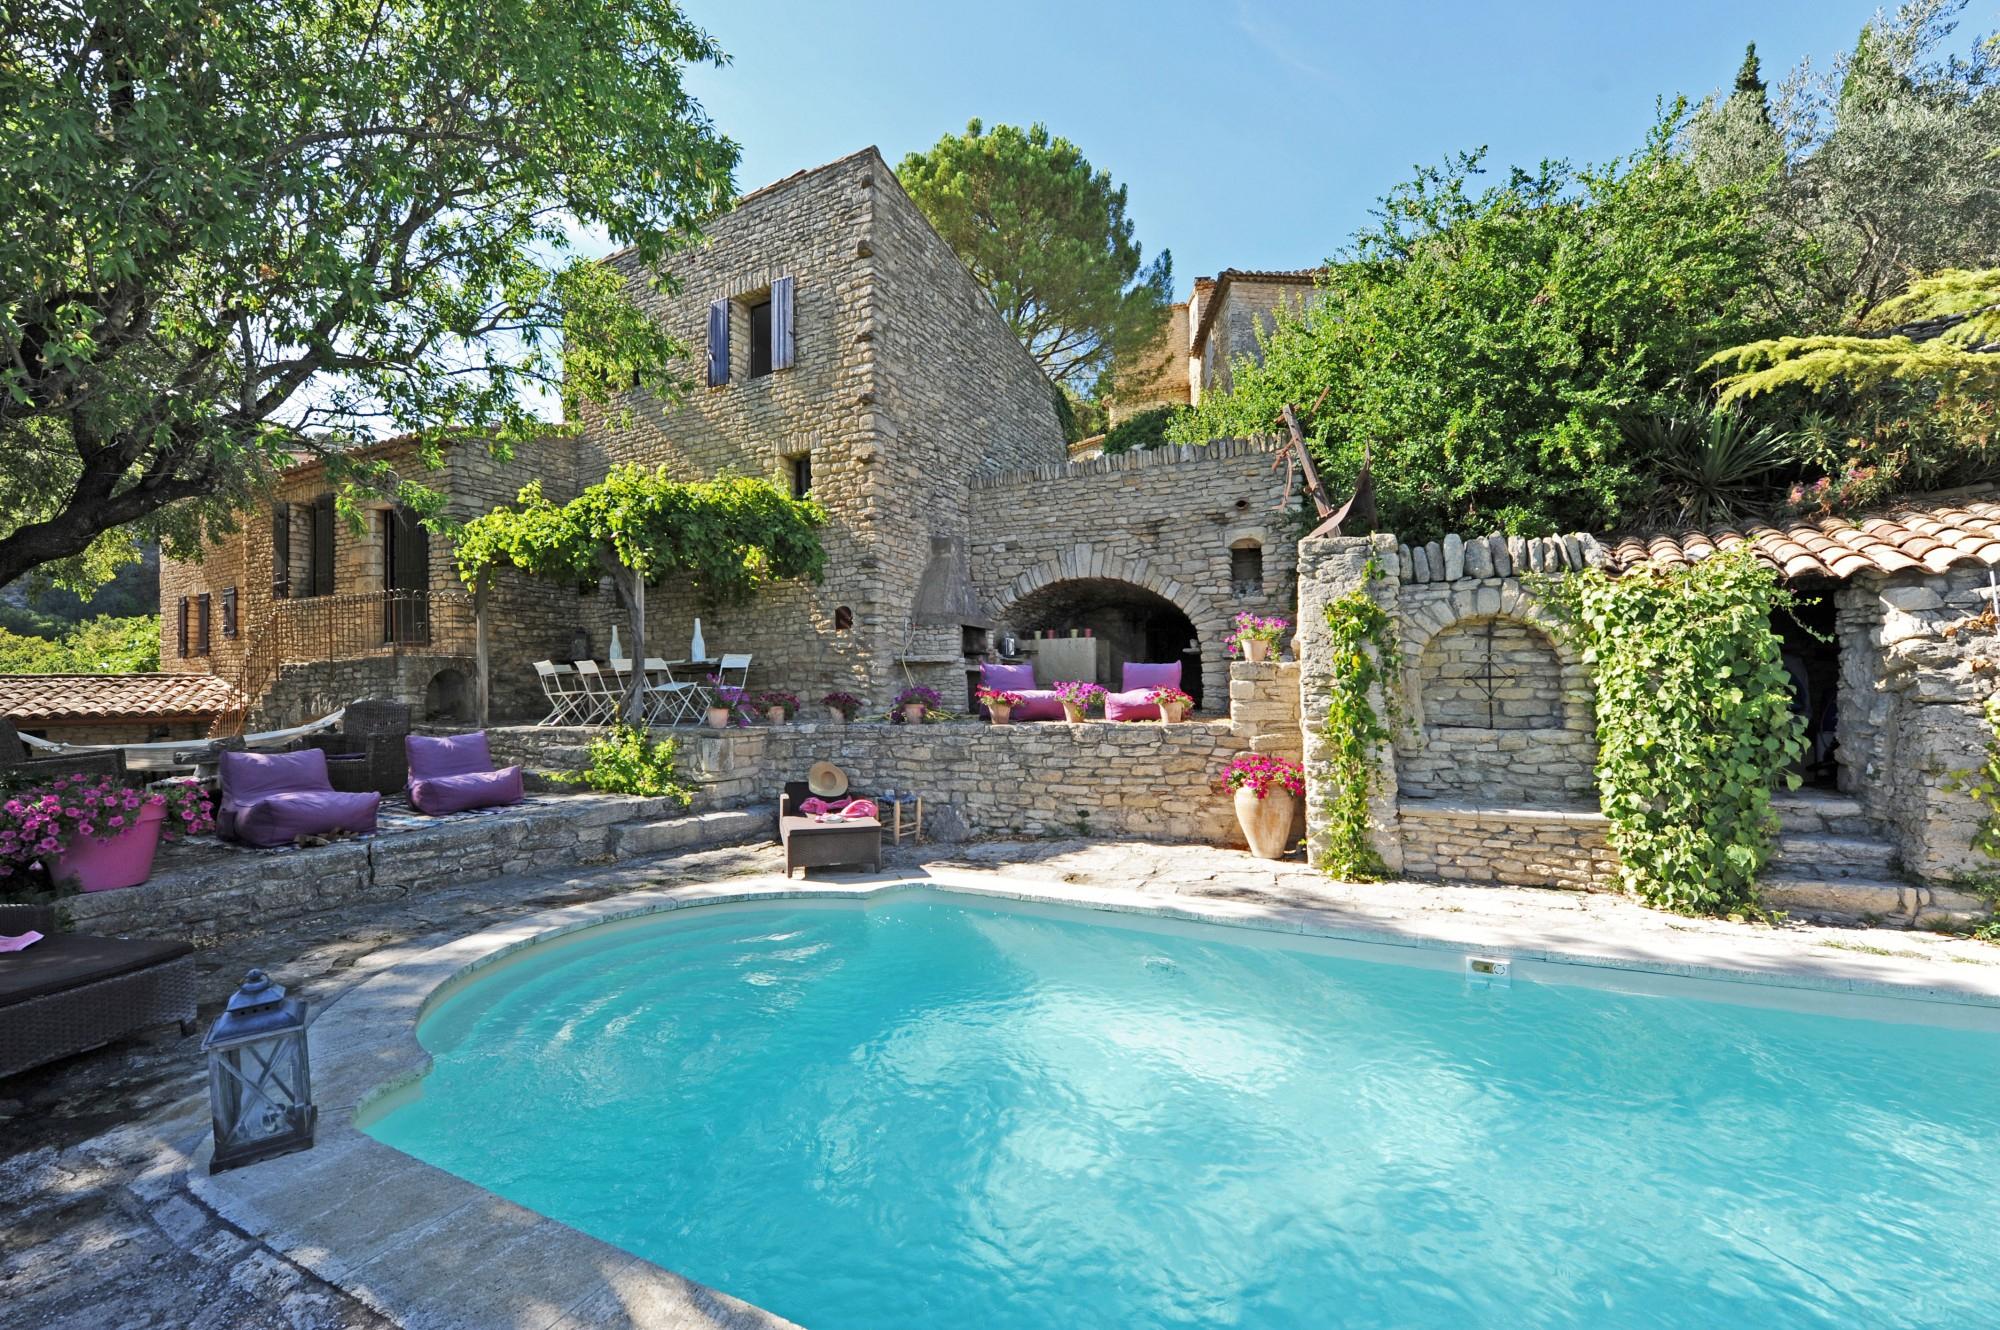 Ventes Maison De Village À Vendre En Luberon Avec Jardin ... dedans Maison Avec Piscine A Vendre